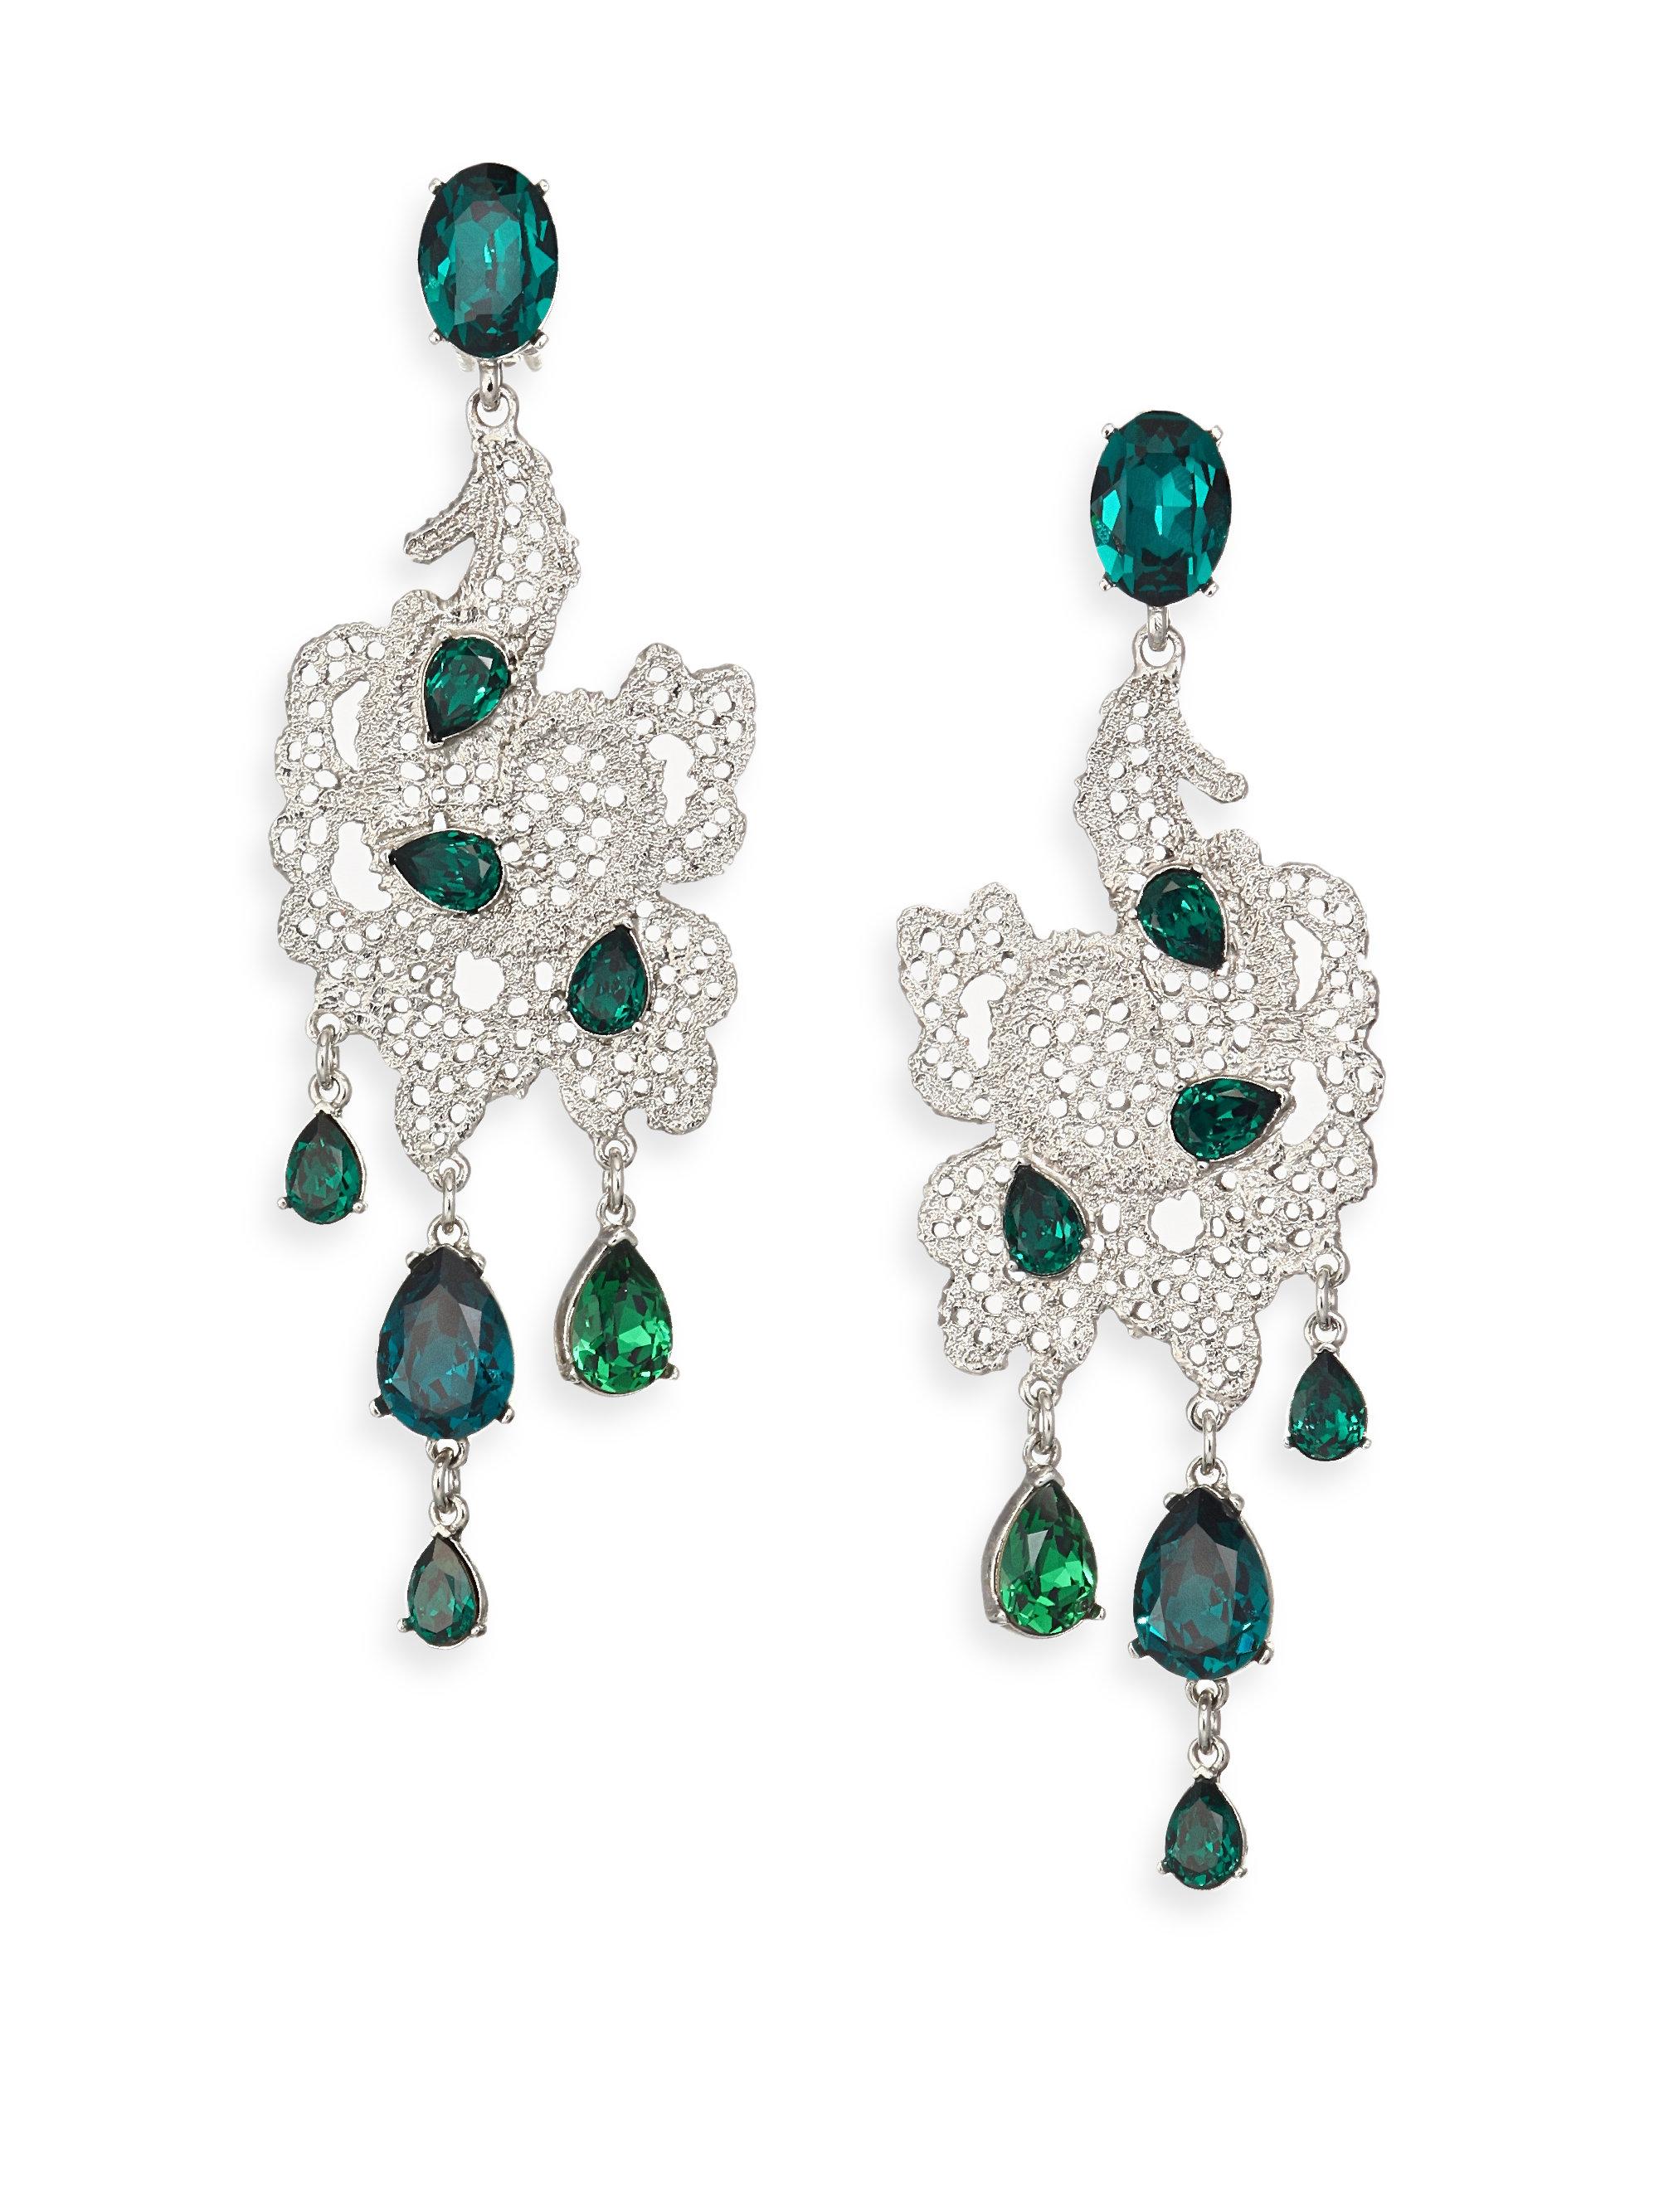 Oscar De La Renta Teardrop Earrings in Metallics vApRqtNv